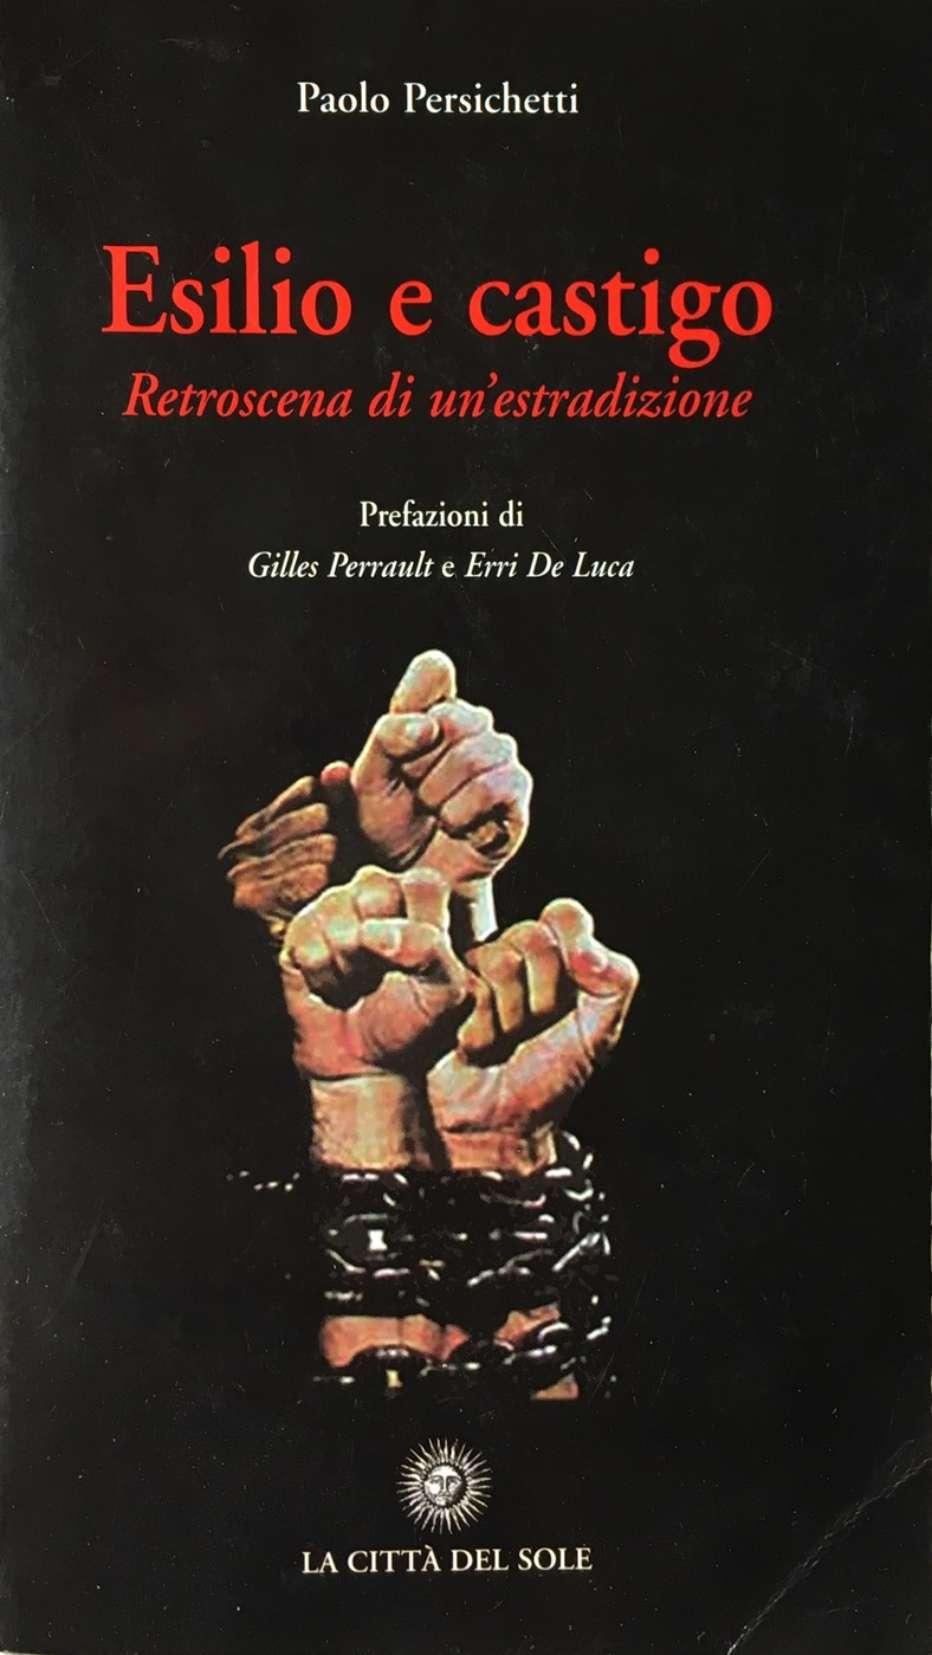 Intervista-a-Paolo-Persichetti-008.jpg